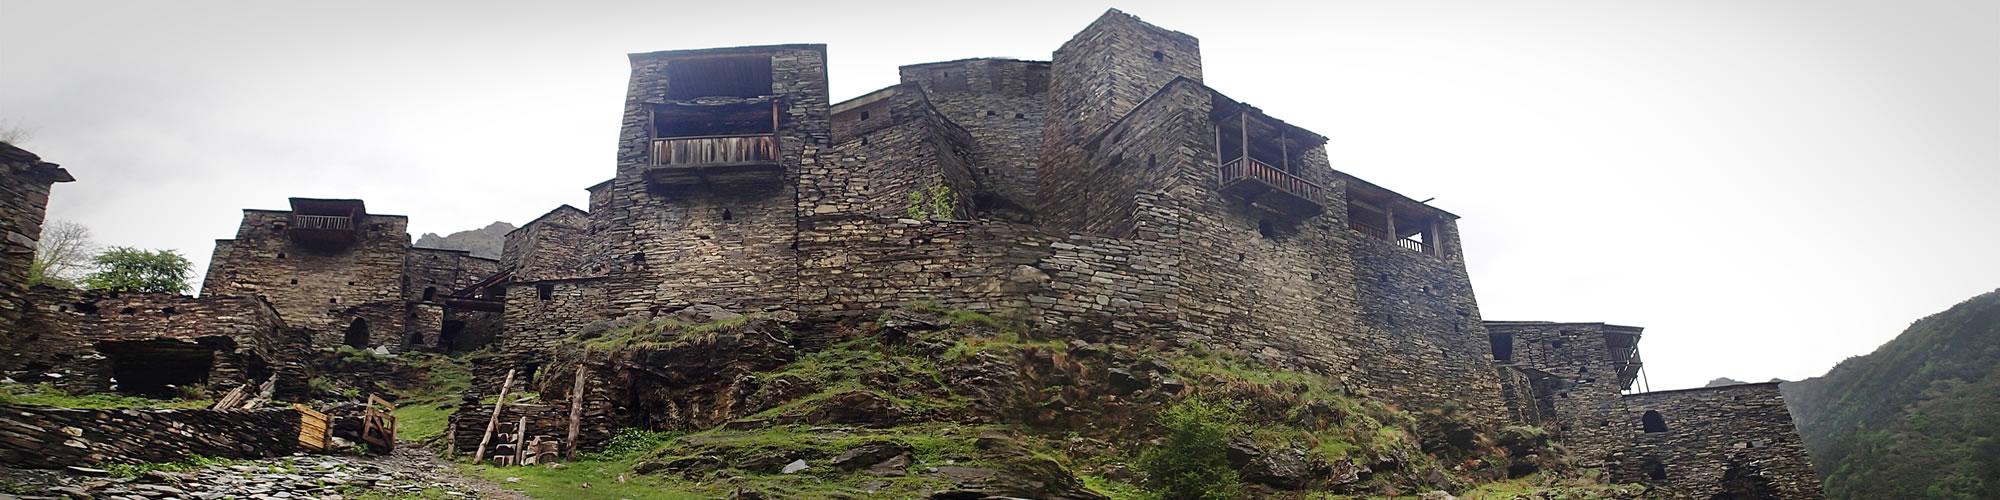 gruzie-panorama-04